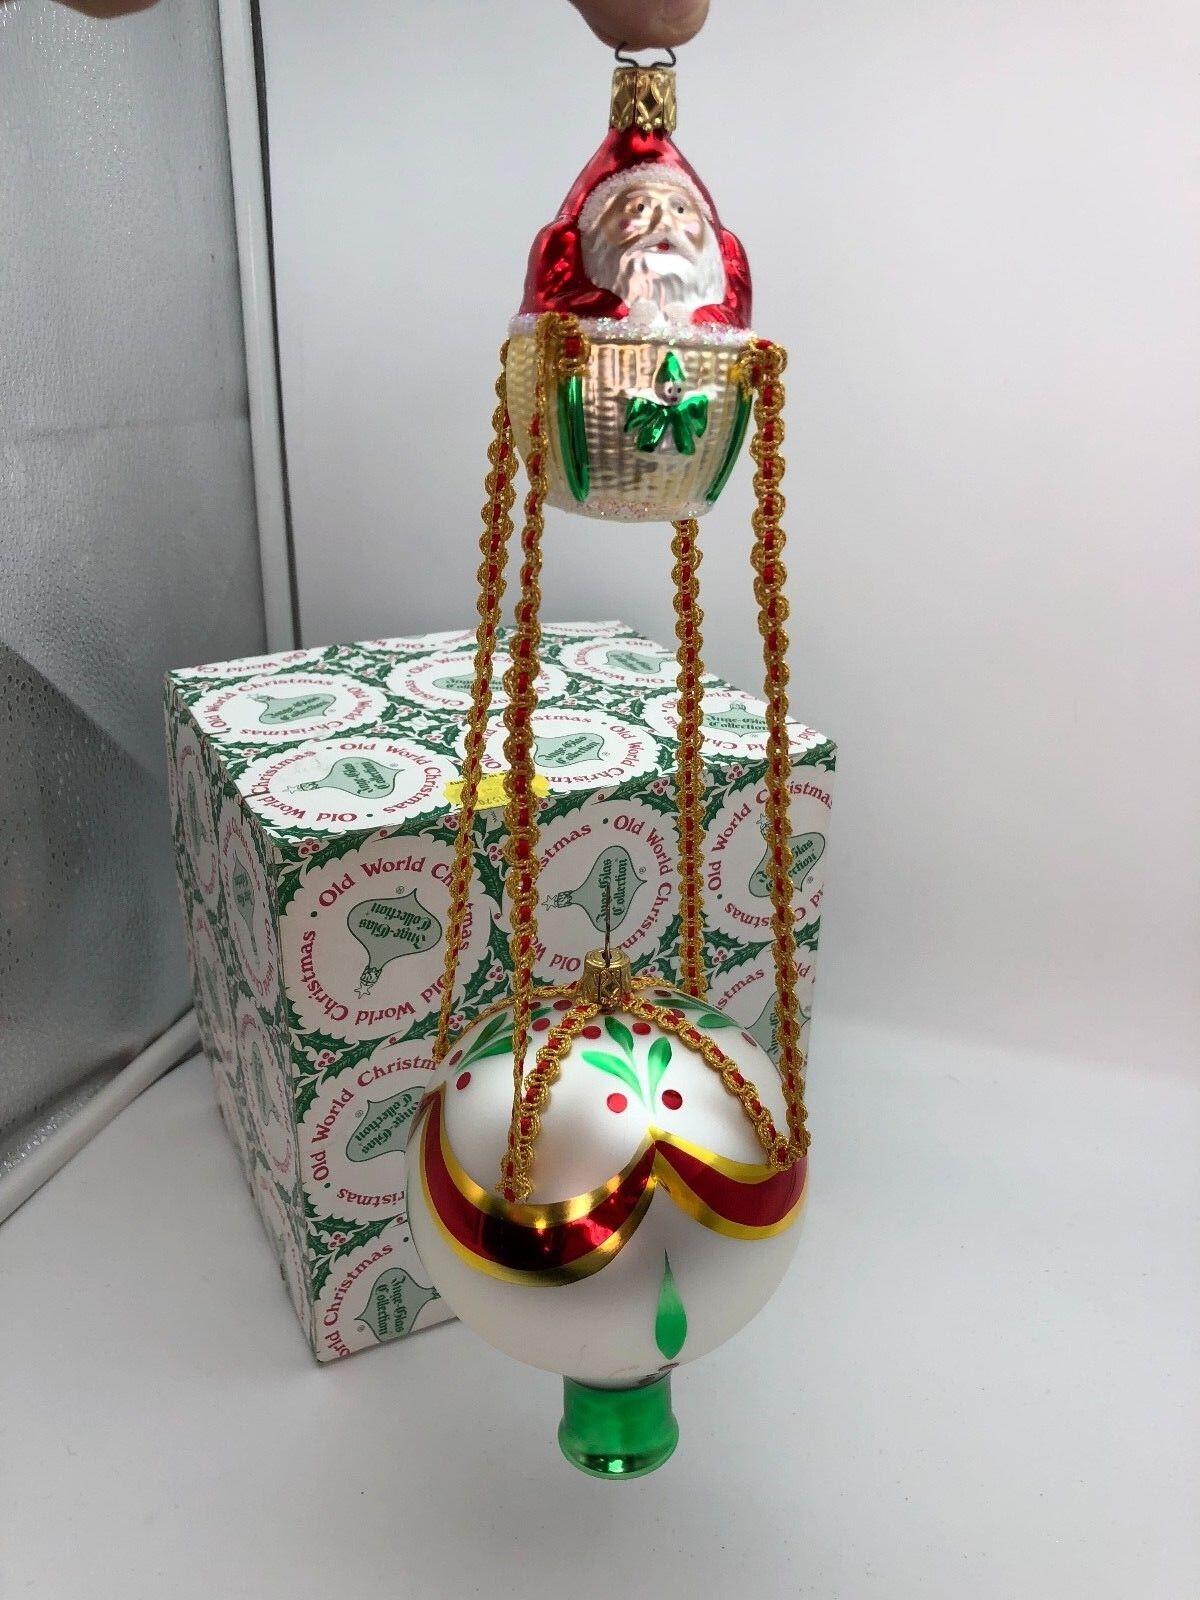 Inge Glas ⭐ ⭐ Albero di Natale gioielli Ornament Ornament Ornament 32 cm ⭐ ⭐ Merce Nuova 11051c